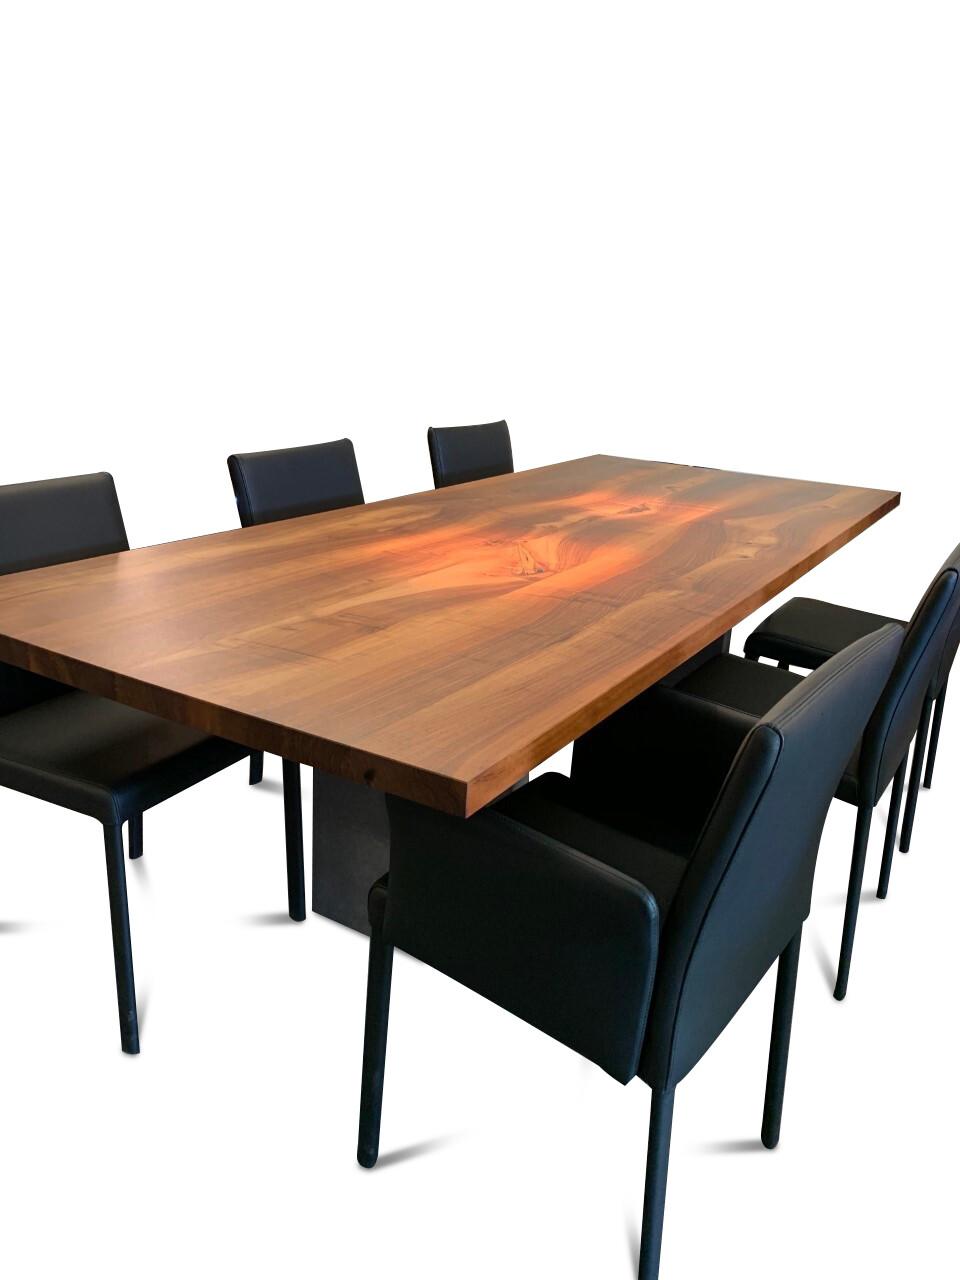 Tisch Europ. Nussbaum massiv Modell Henry von Girsberger 100 x 240 cm 07